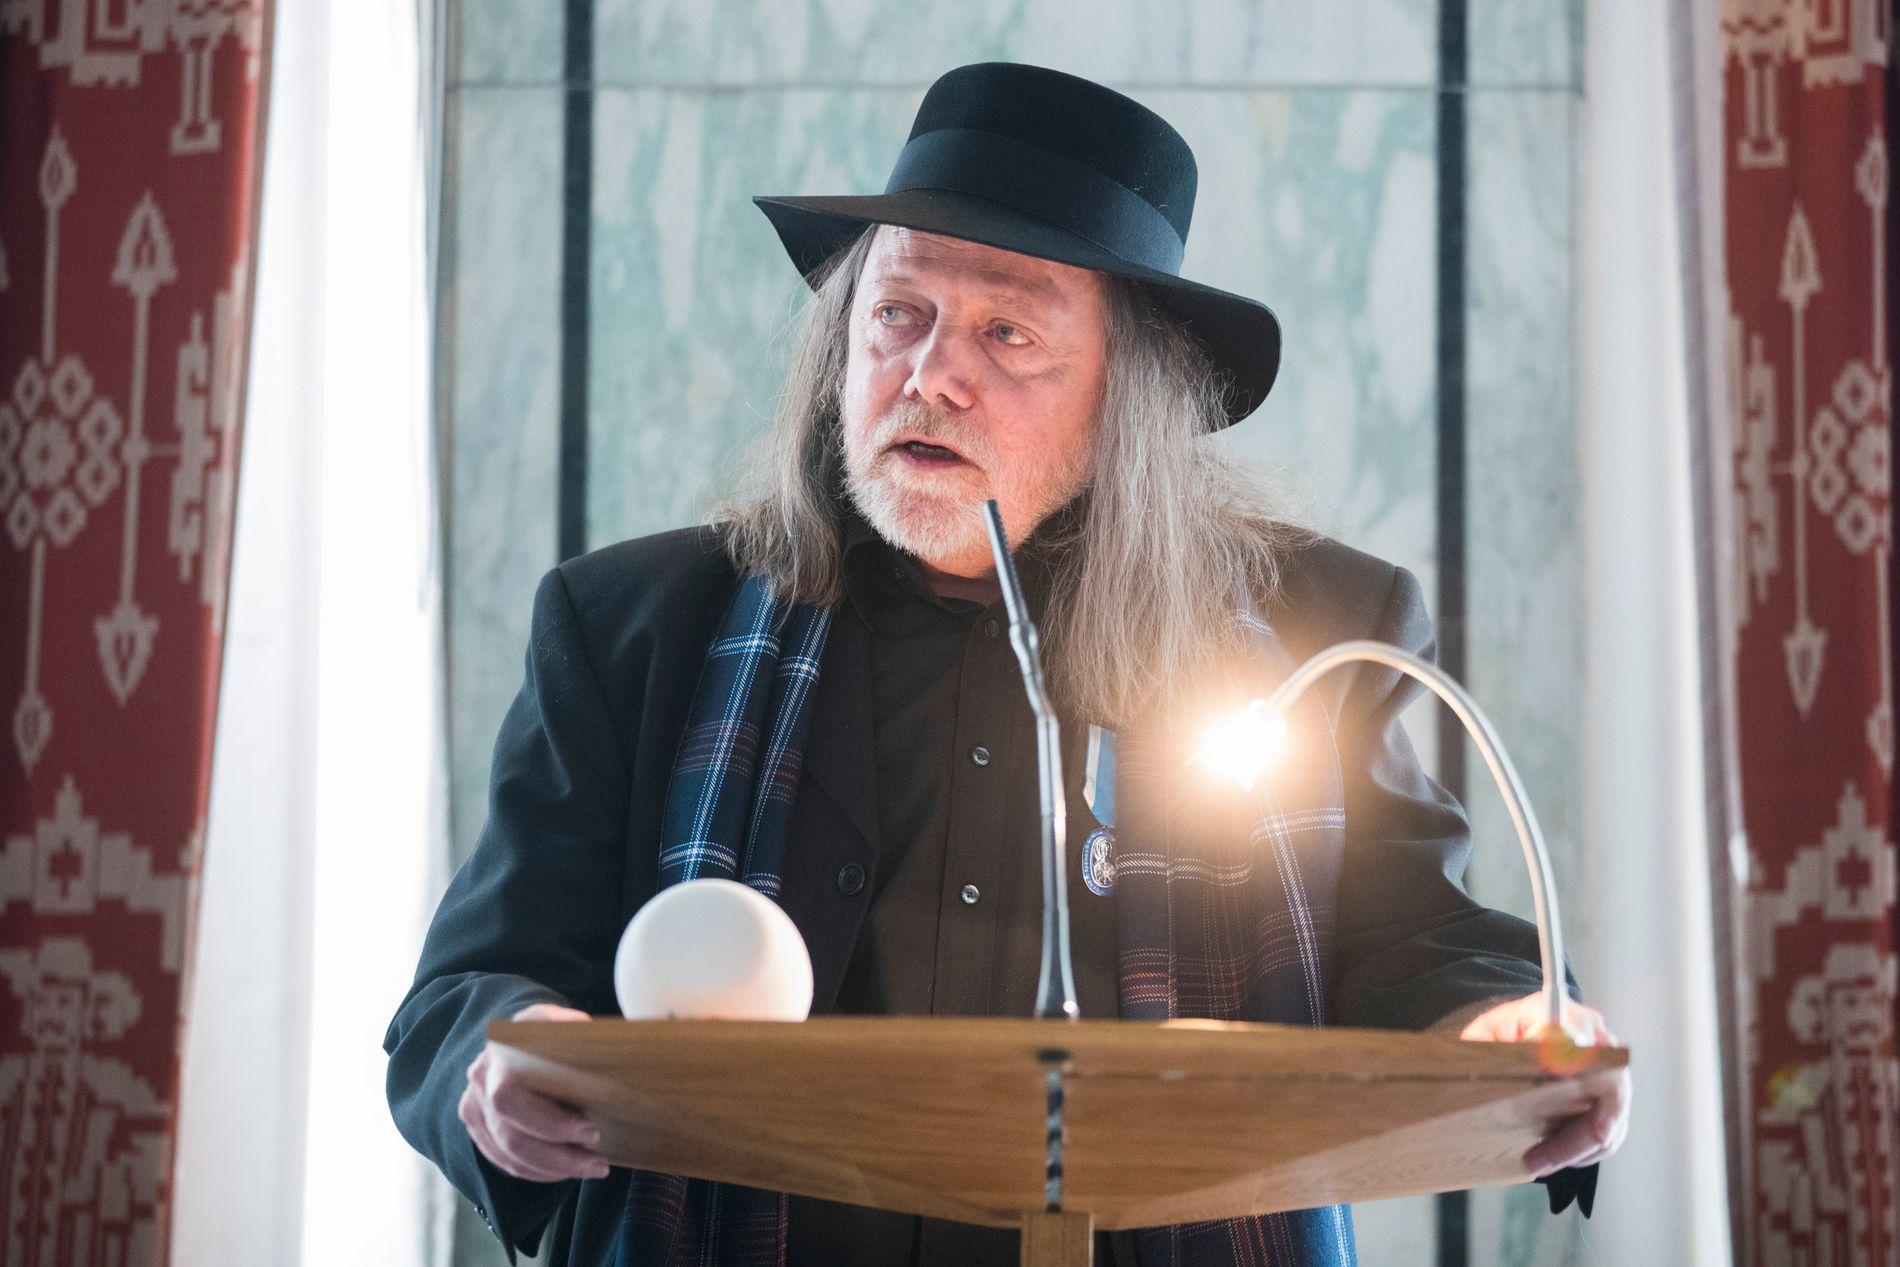 NY OPPLEVELSE: Dette skal være første gang Lillebjørn Nilsen ikke får honorar etter en konsert. Foto: NTB SCANPIX